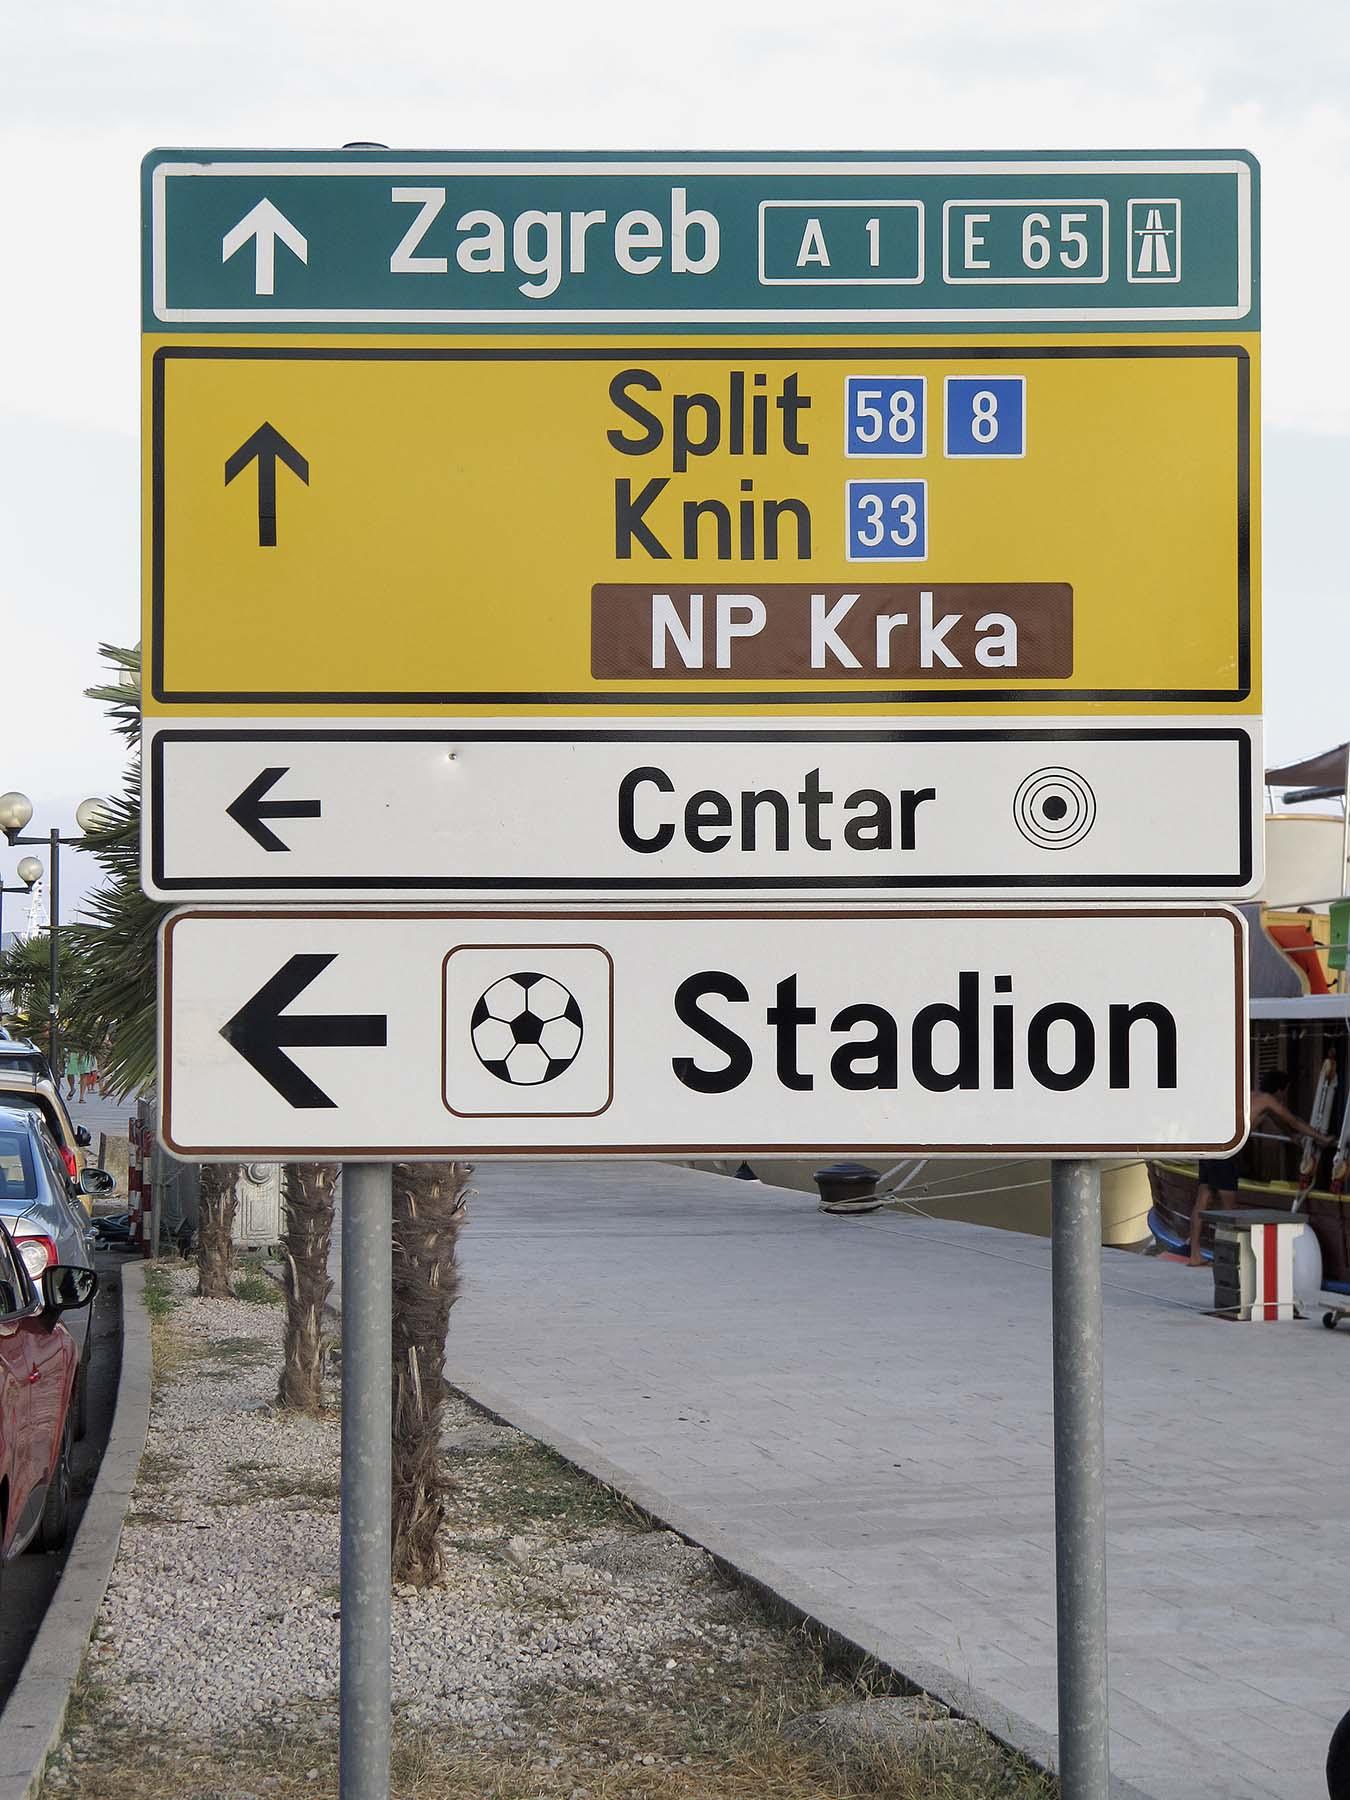 Croatia 01 BANKTM @bank_graphic_design_today lo